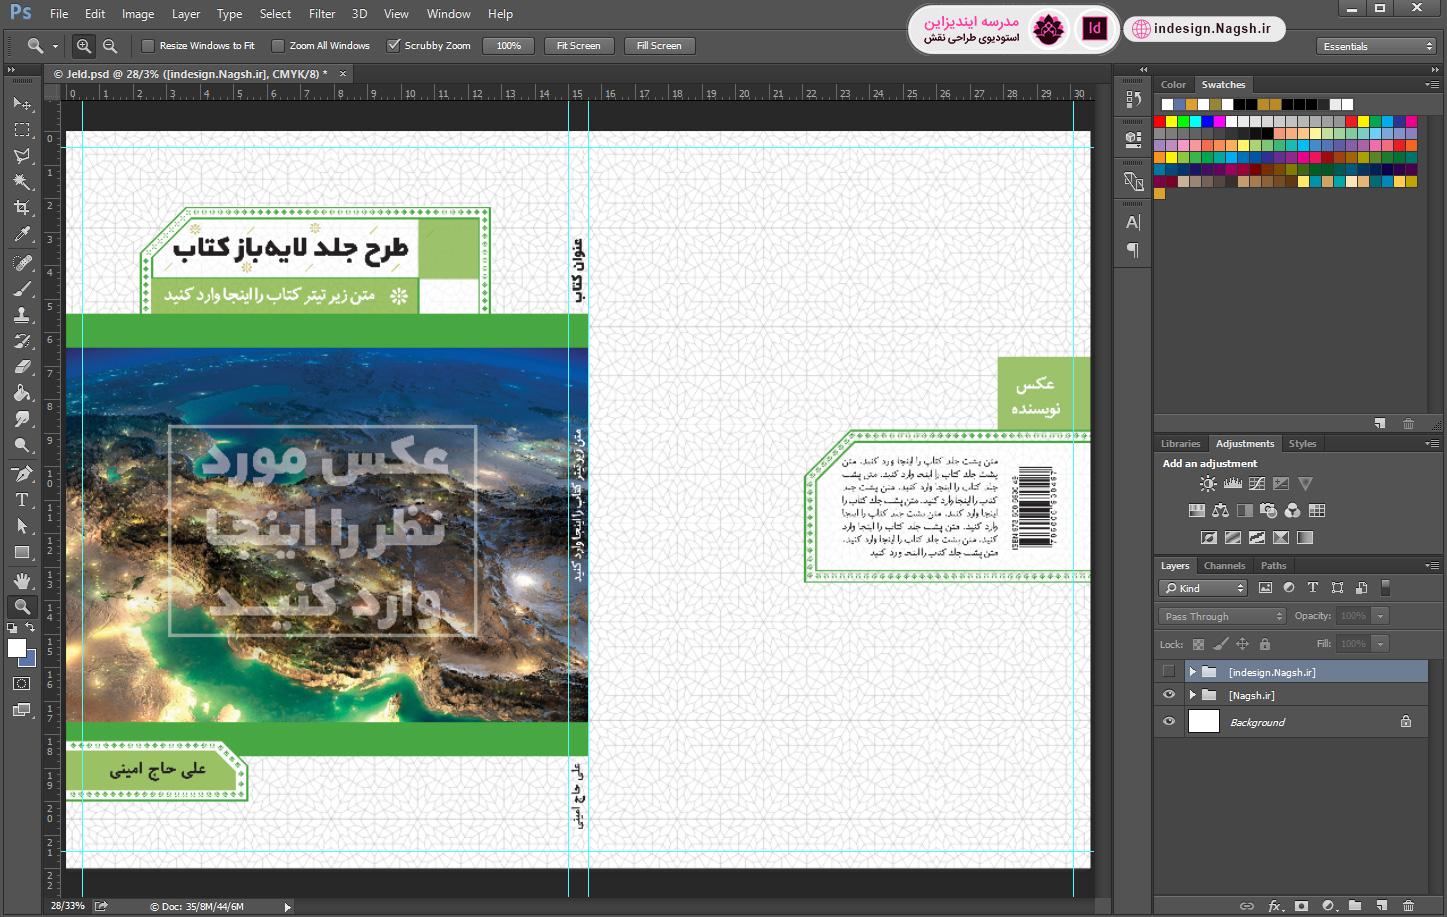 دانلود فایل لایه باز طرح جلد آماده کتاب